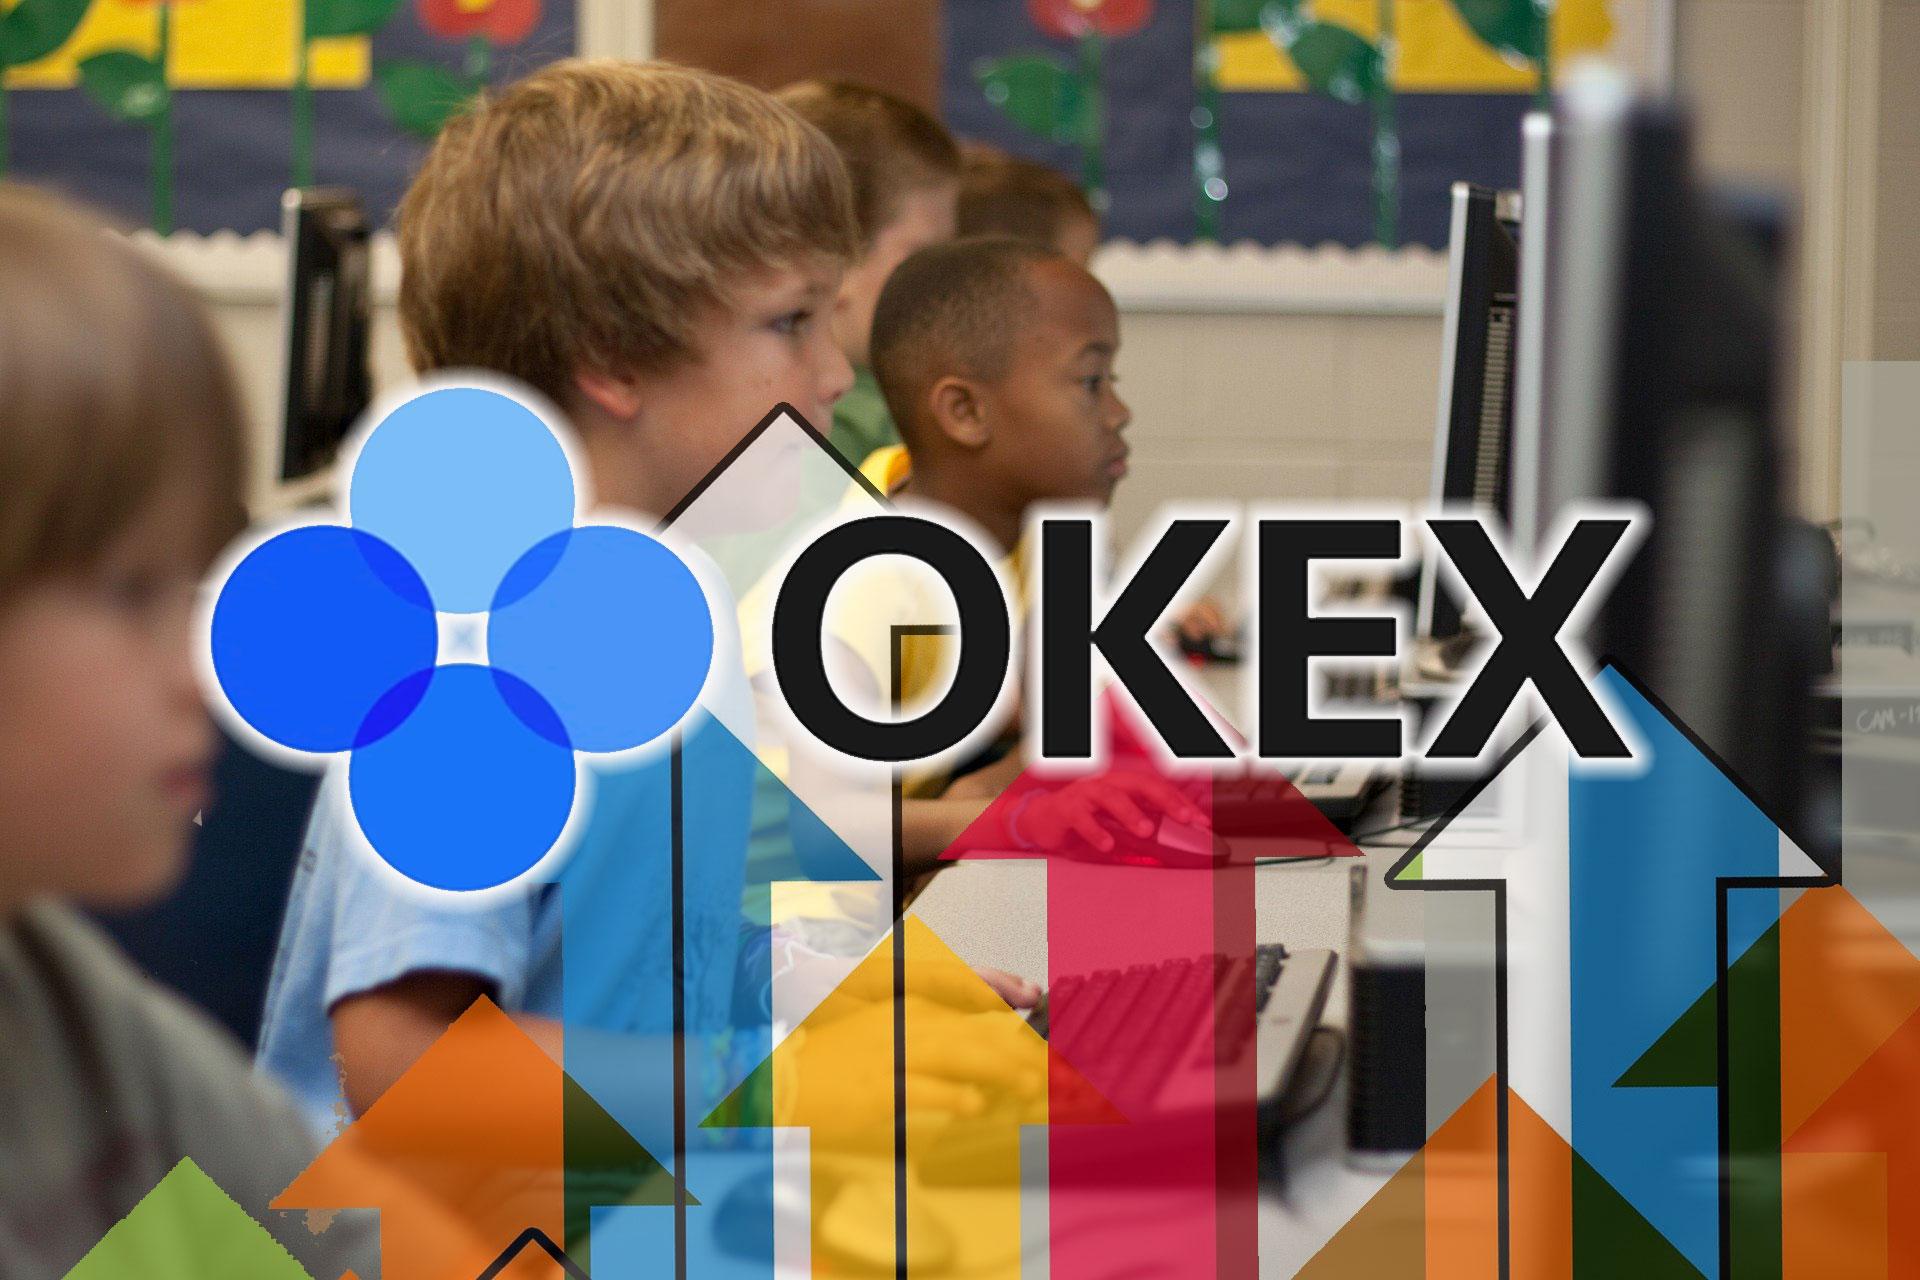 仮想通貨取引所「OKEx」のウェブサイトの訪問数が大幅増加している:SimilarWebレポート